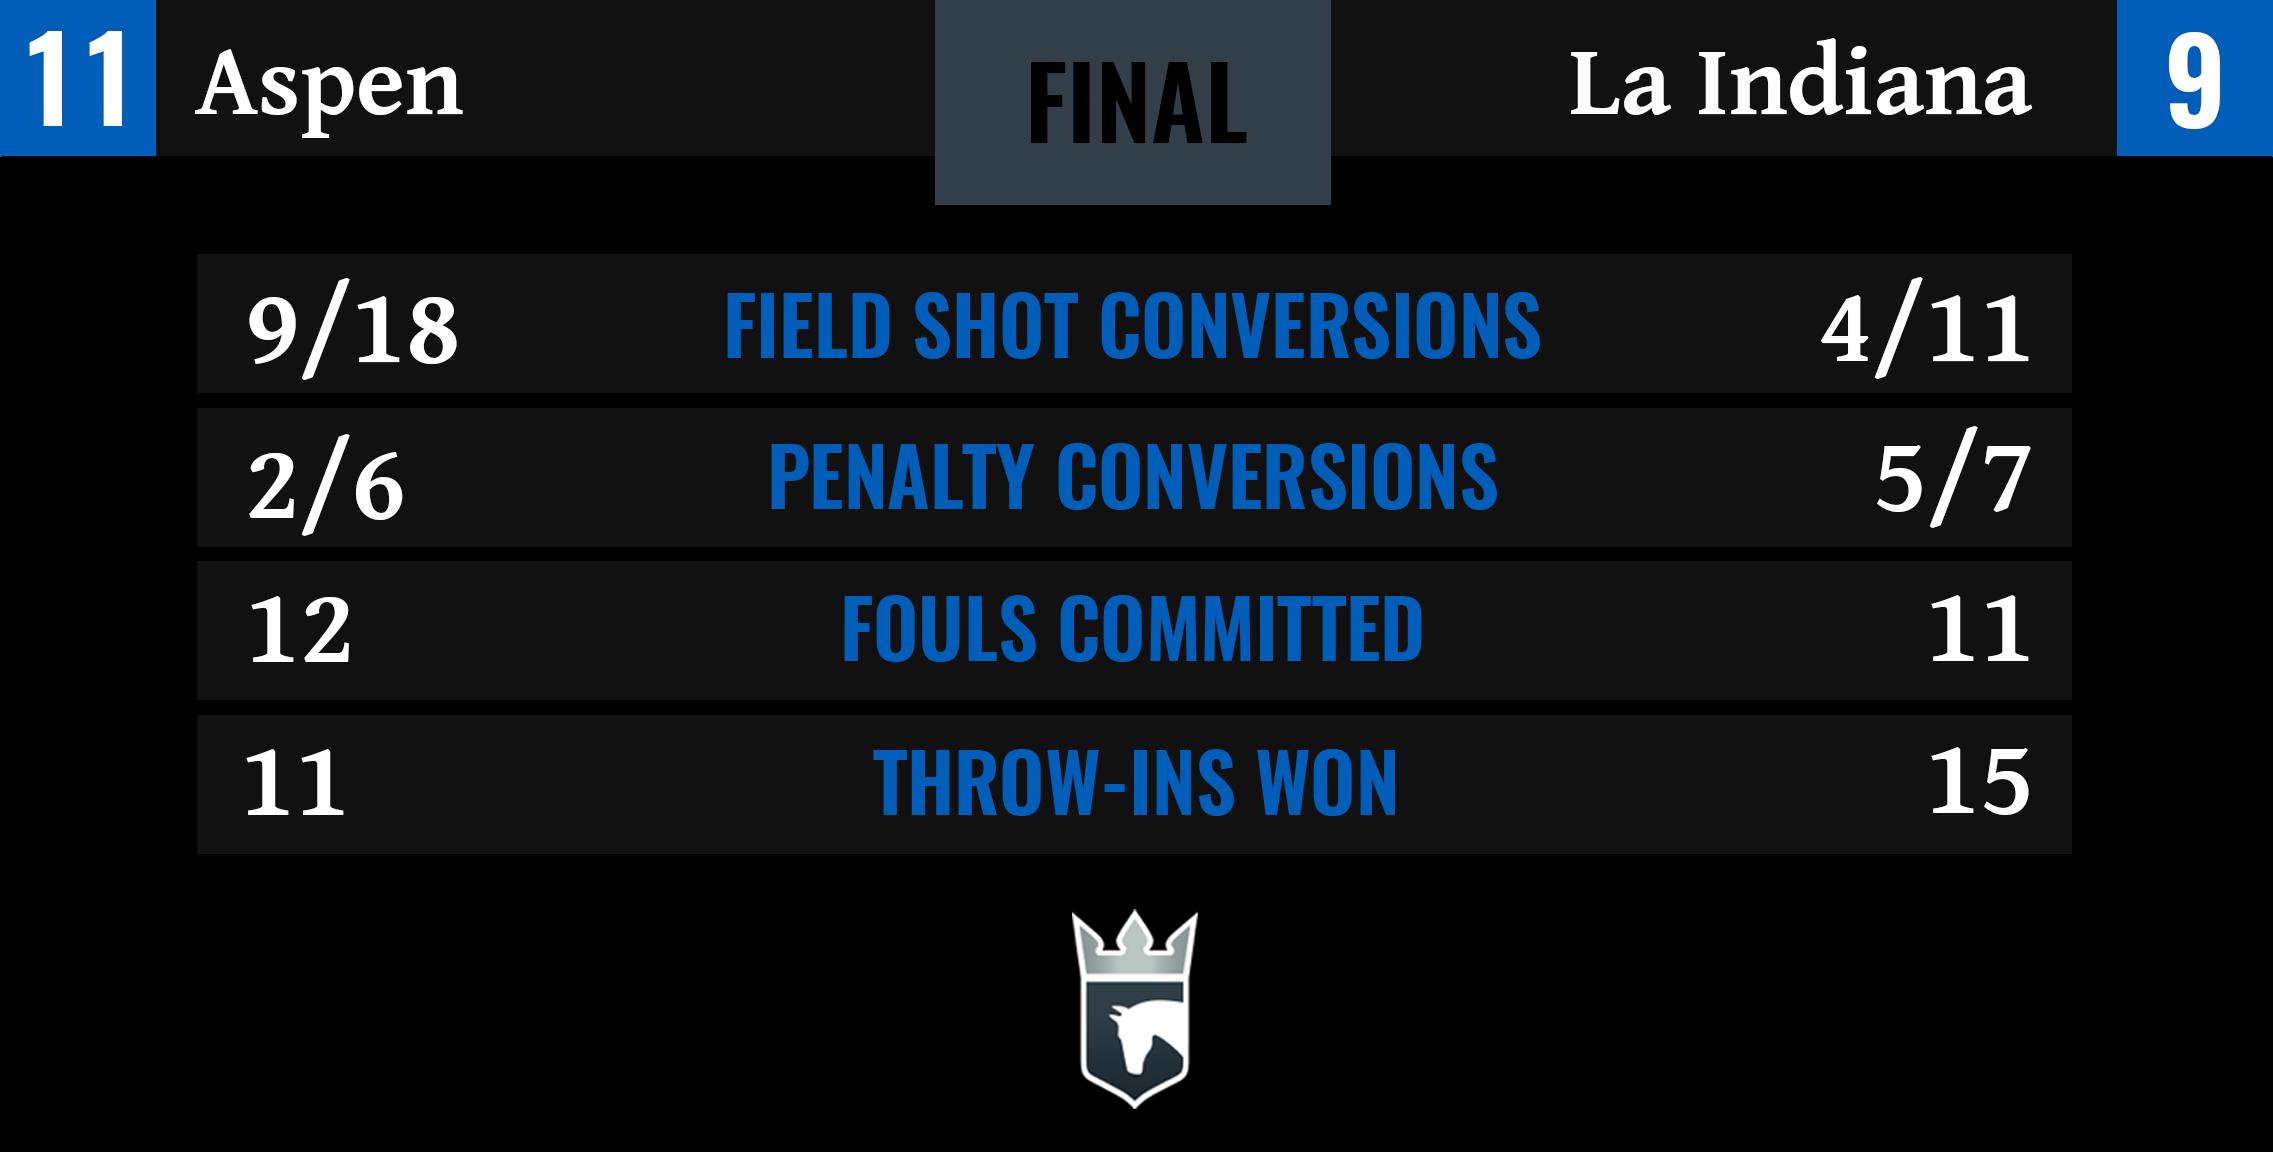 Aspen vs La Indiana Final Stats